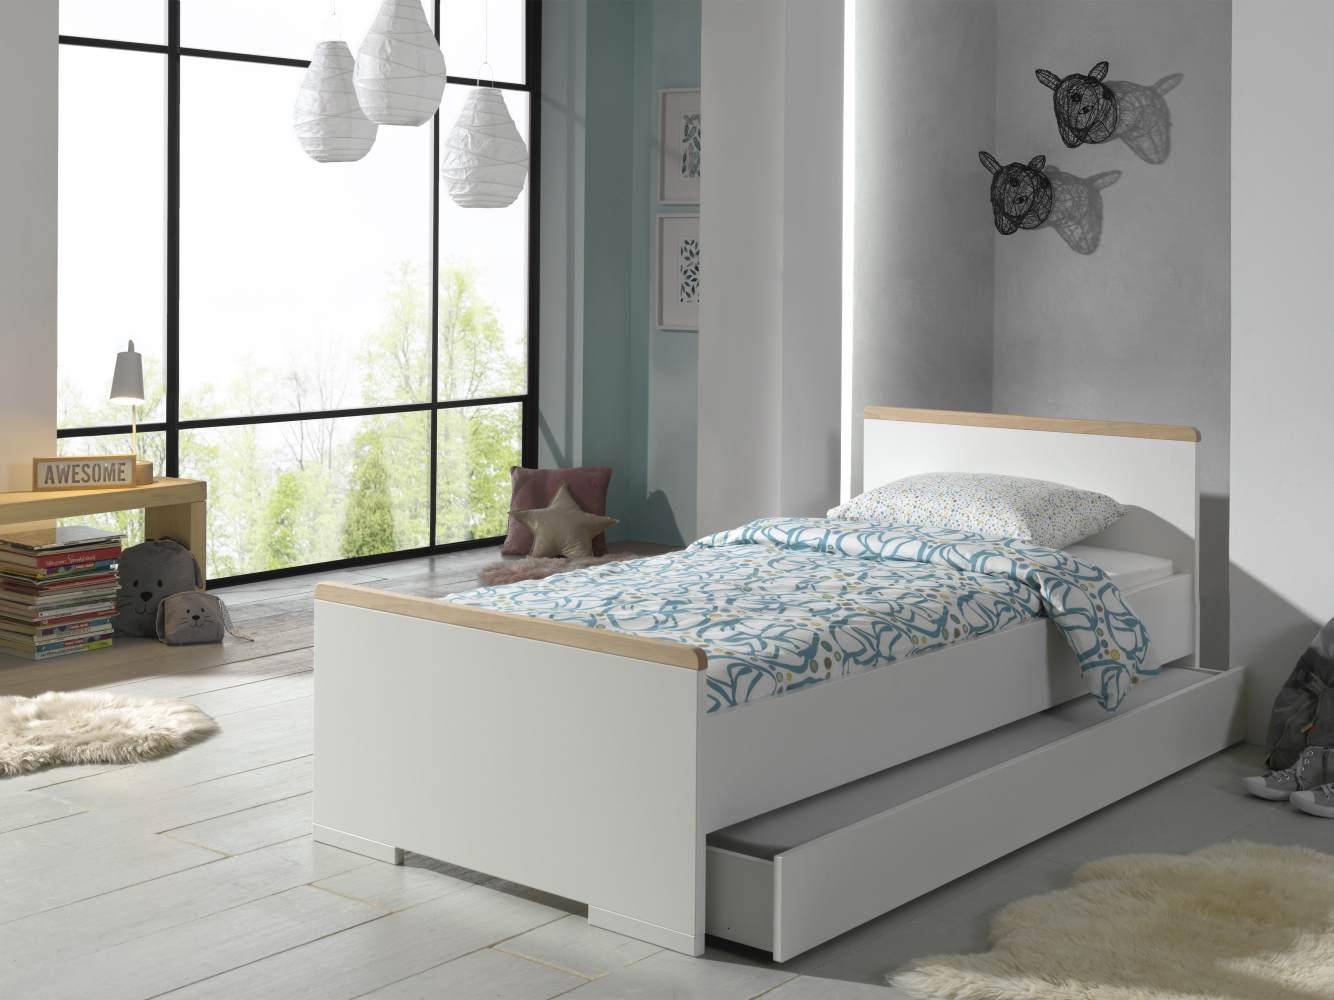 Vipack 'London' Einzelbett inkl. Bettschublade 90 x 200 cm Dekor Weiß/Absatz Buche natur massiv Bild 1